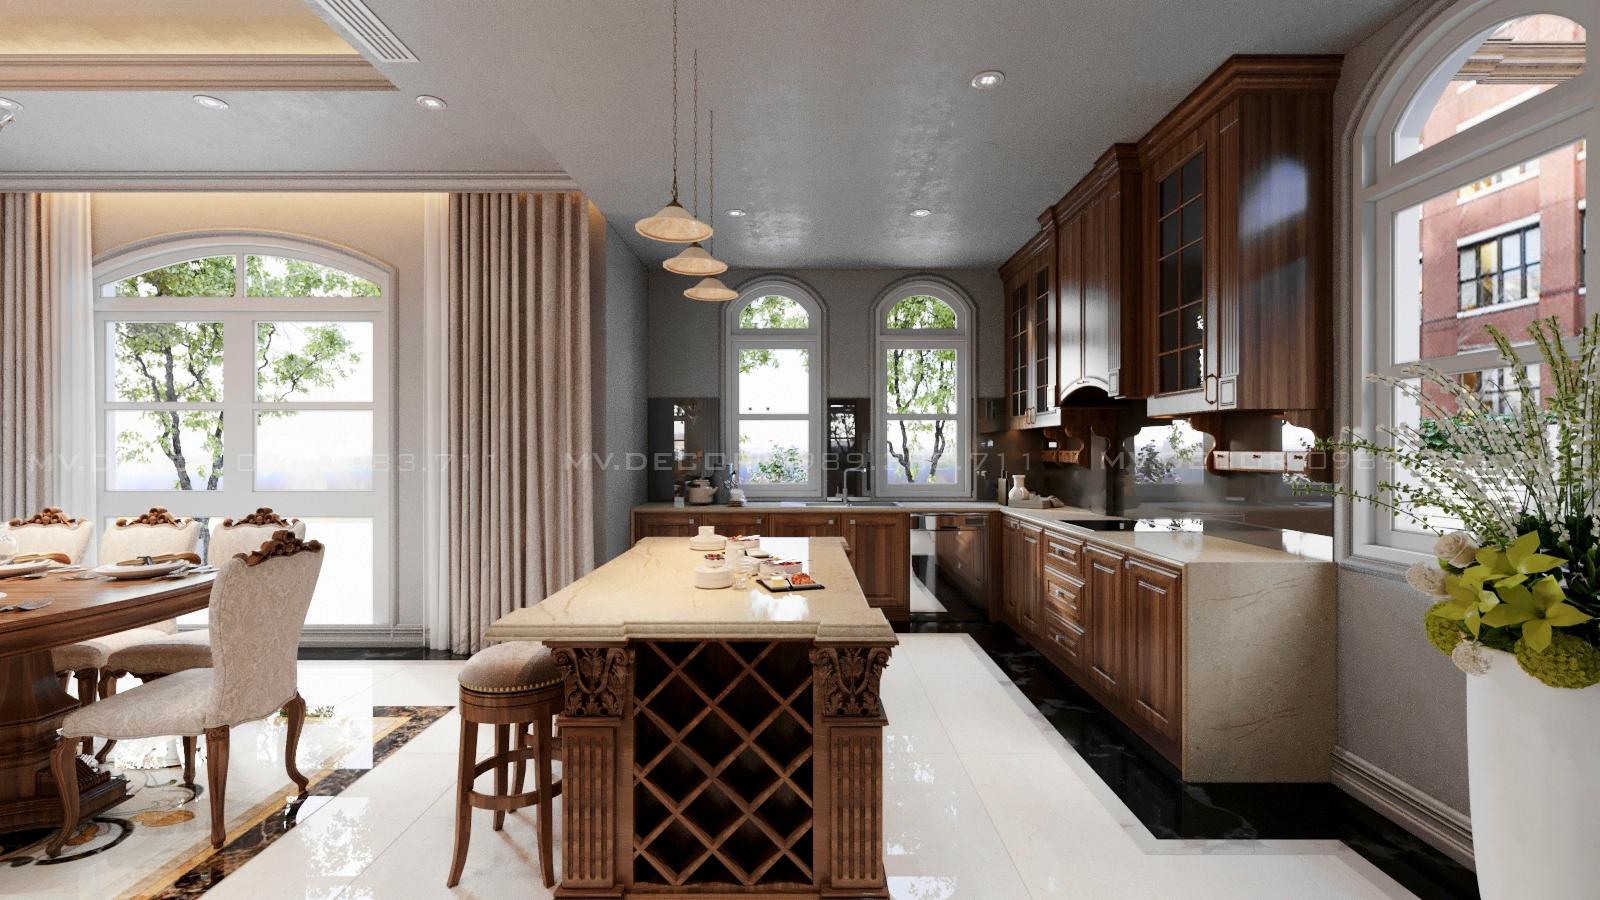 thiết kế nội thất Biệt Thự tại Hải Phòng BT VINHOME HẢI PHÒNG 8 1562719449